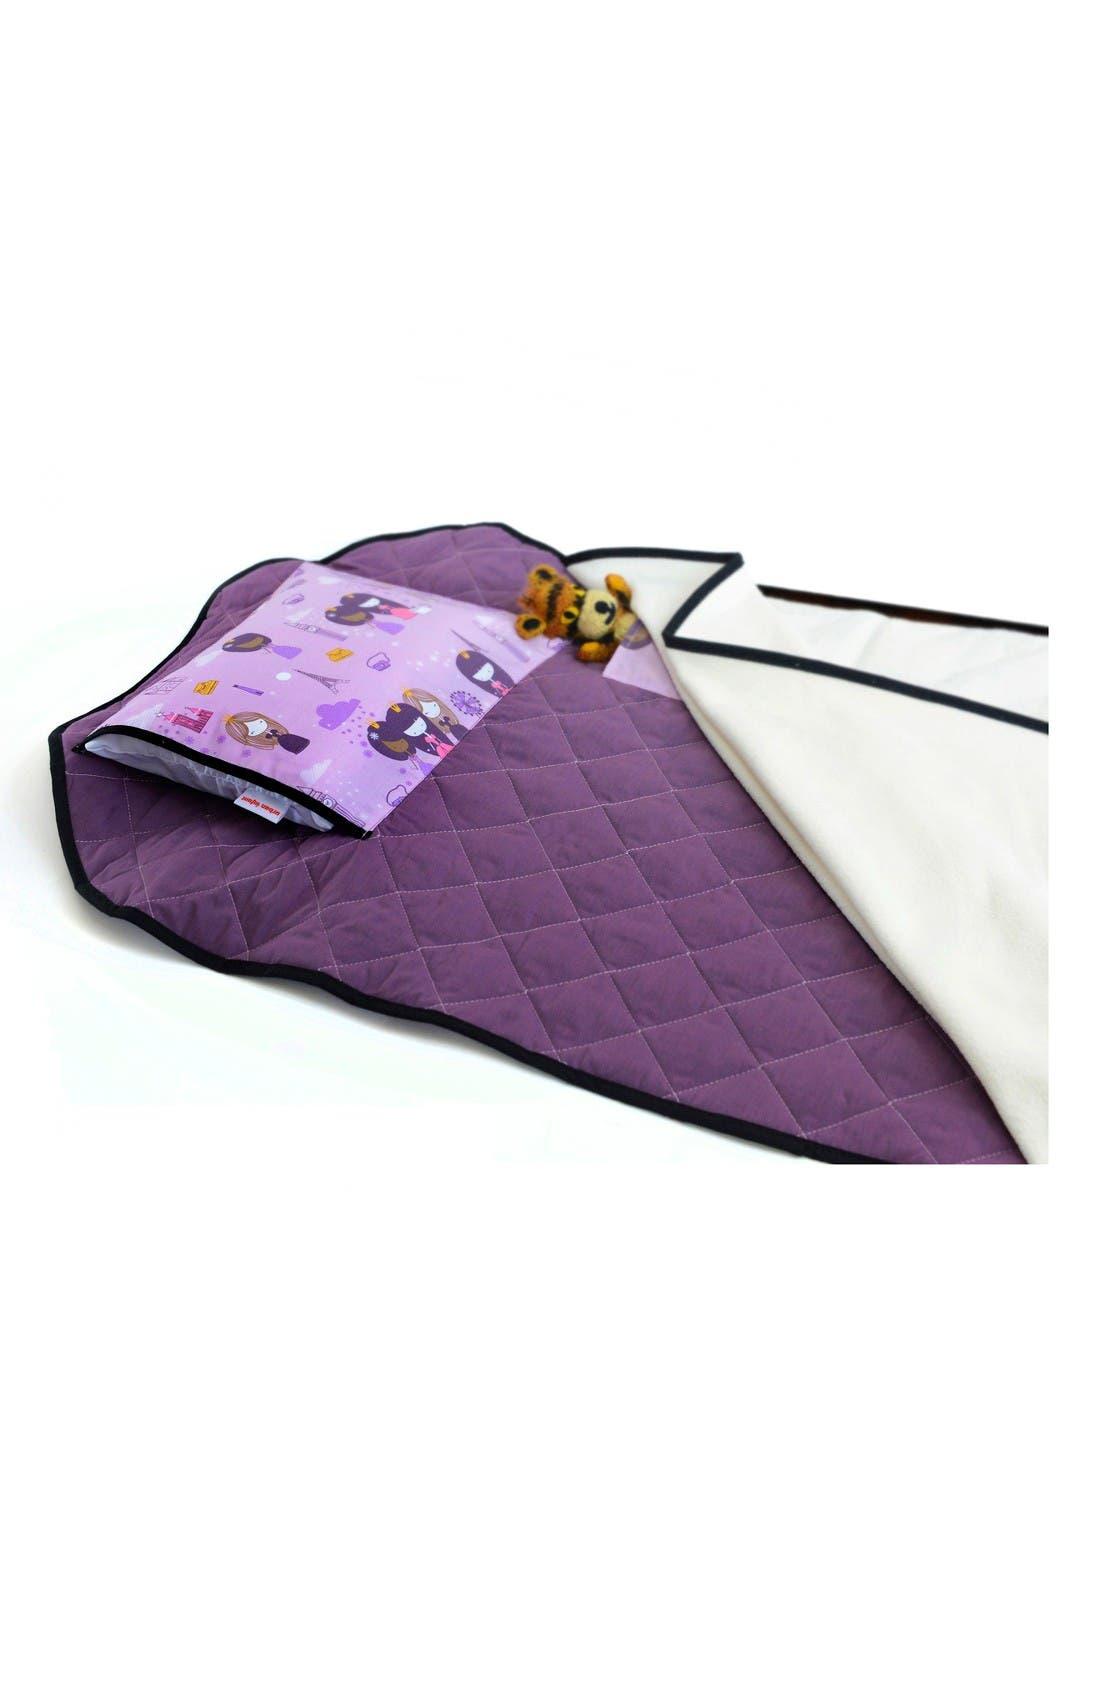 Tot Cot Portable Nap Cot Bedding